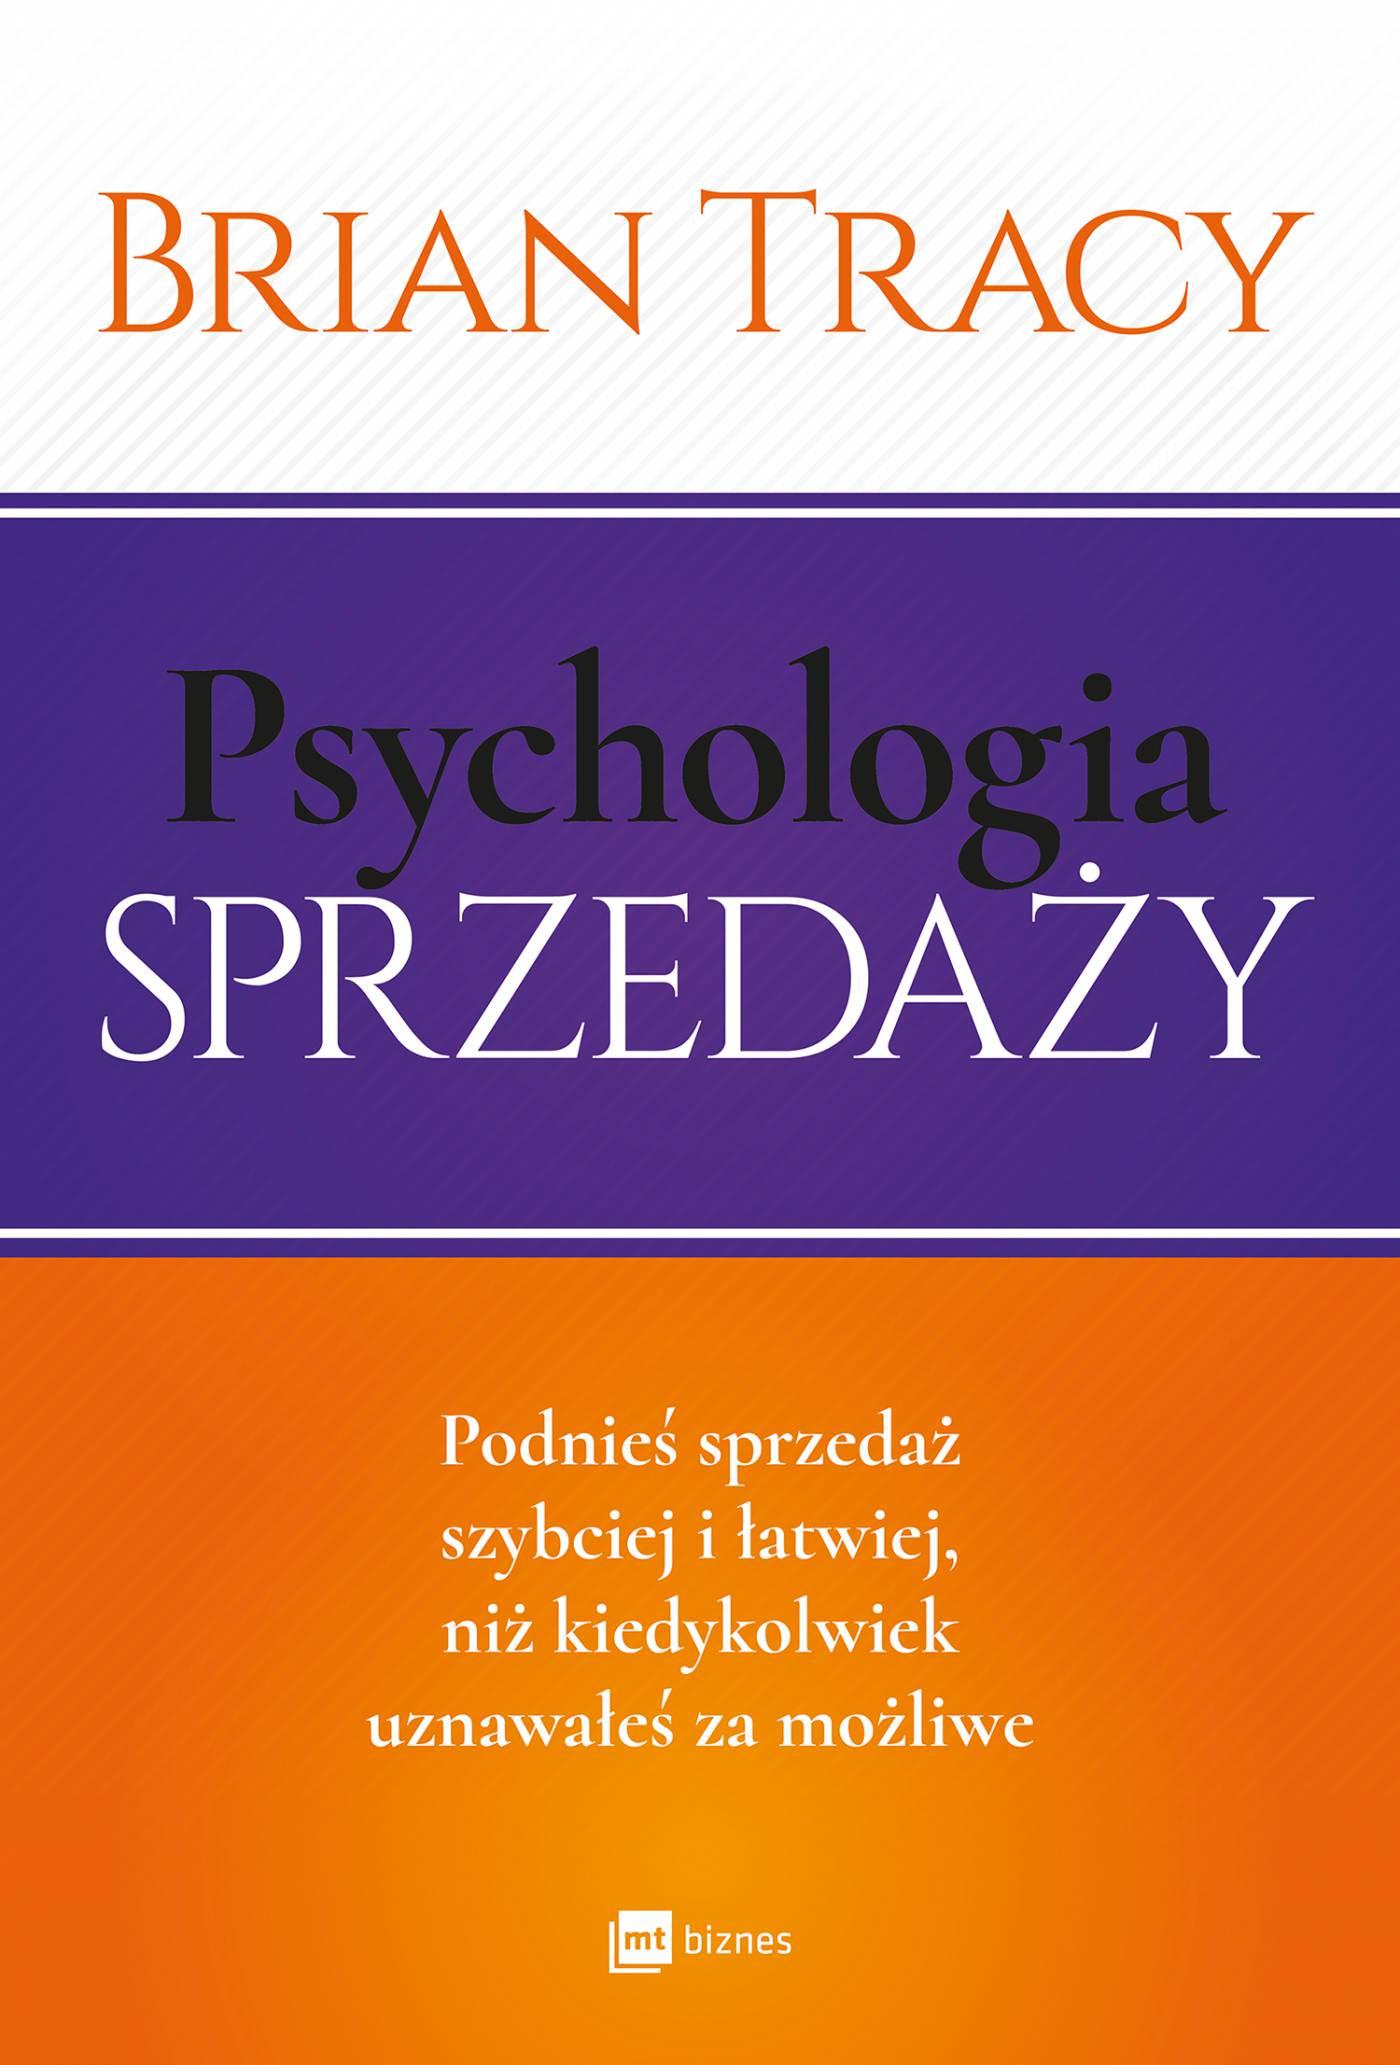 Psychologia sprzedaży - Ebook (Książka EPUB) do pobrania w formacie EPUB